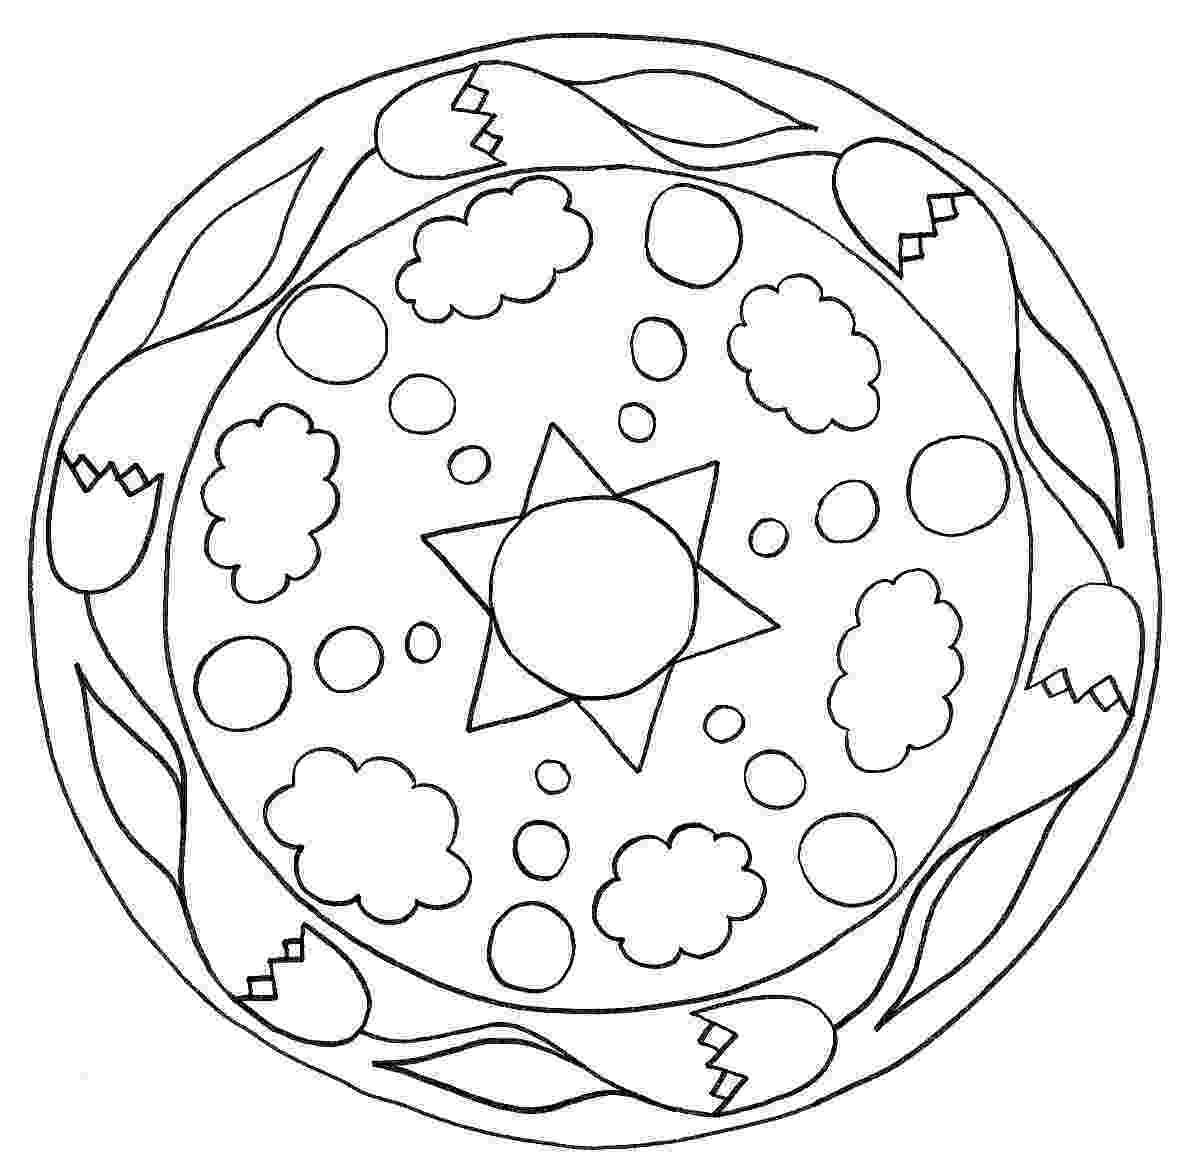 simple mandalas to color easy mandala coloring page getcoloringpagescom to color mandalas simple